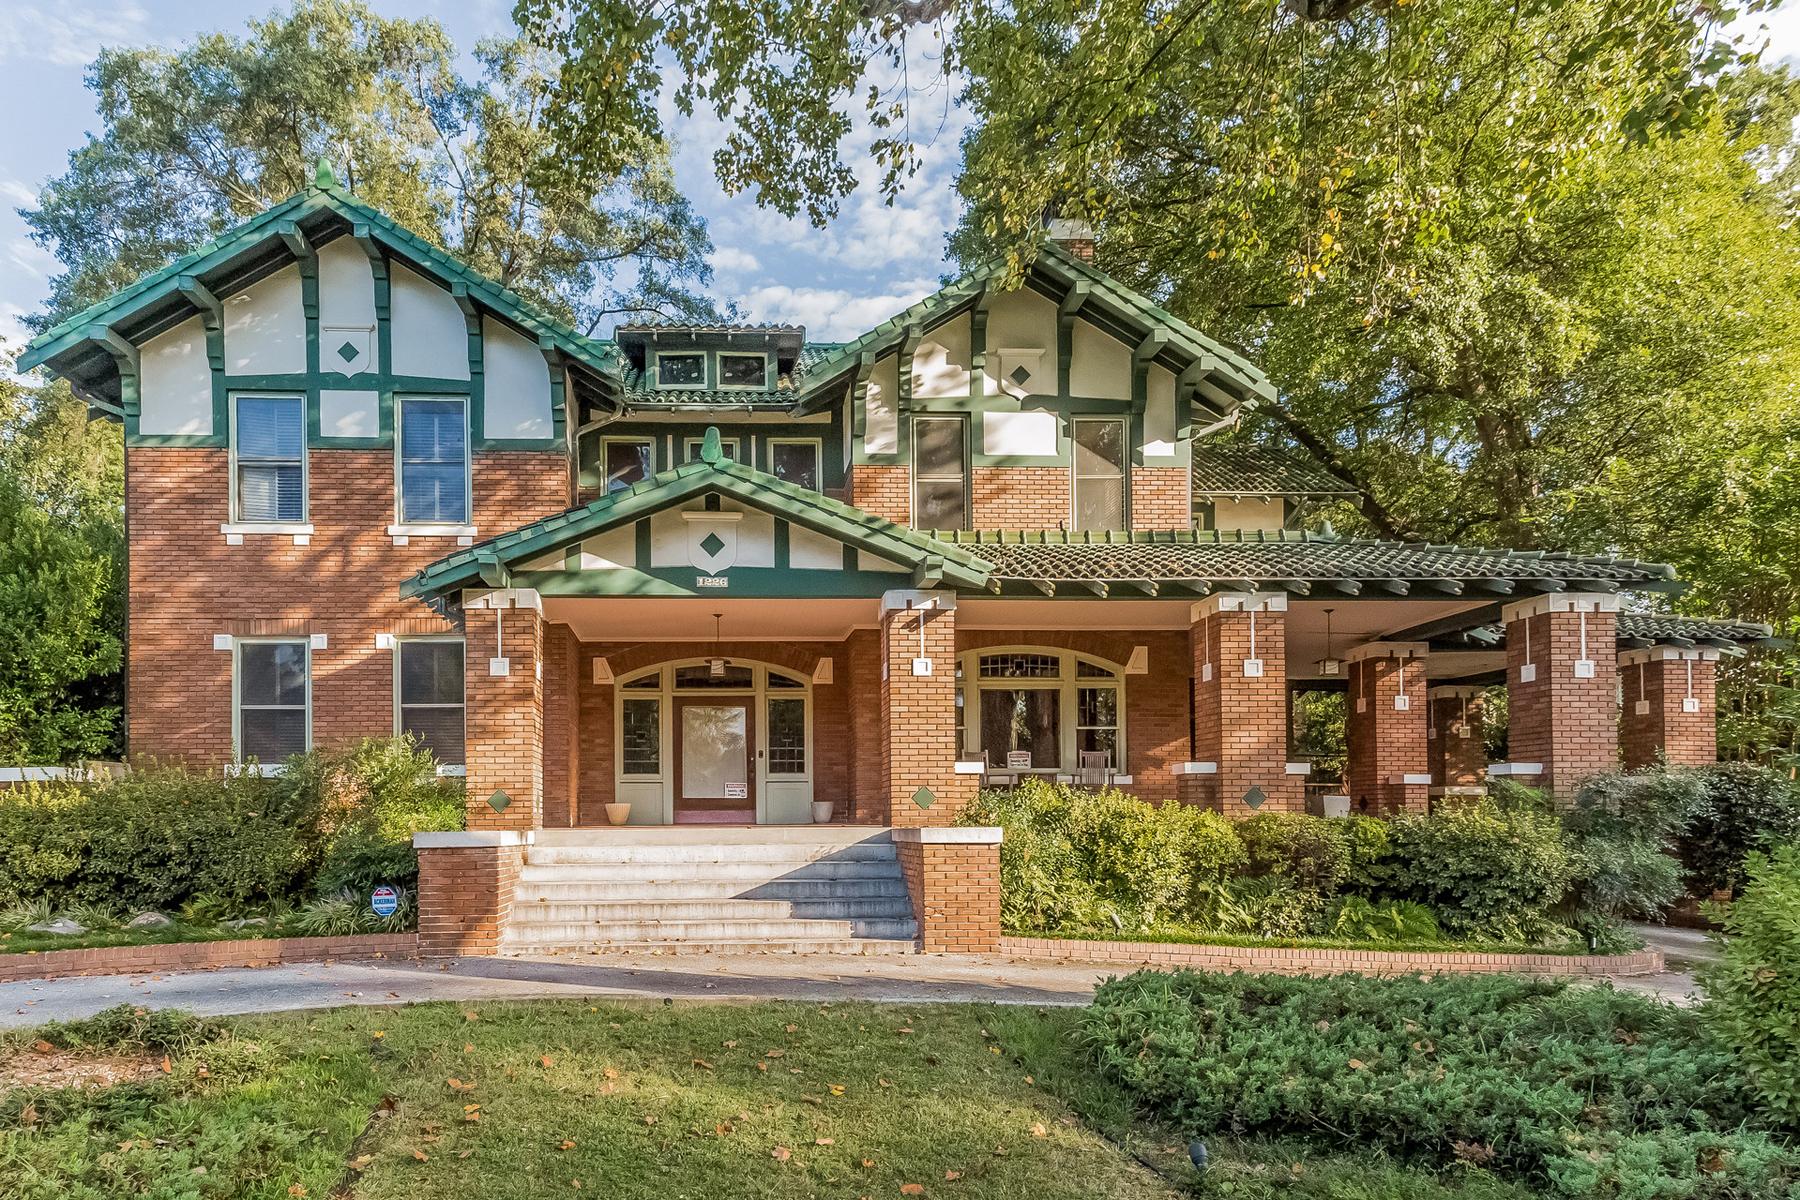 Nhà ở một gia đình vì Bán tại Historical 1920 Brick Tudor 1226 Ponce De Leon Avenue Atlanta, Georgia 30306 Hoa Kỳ